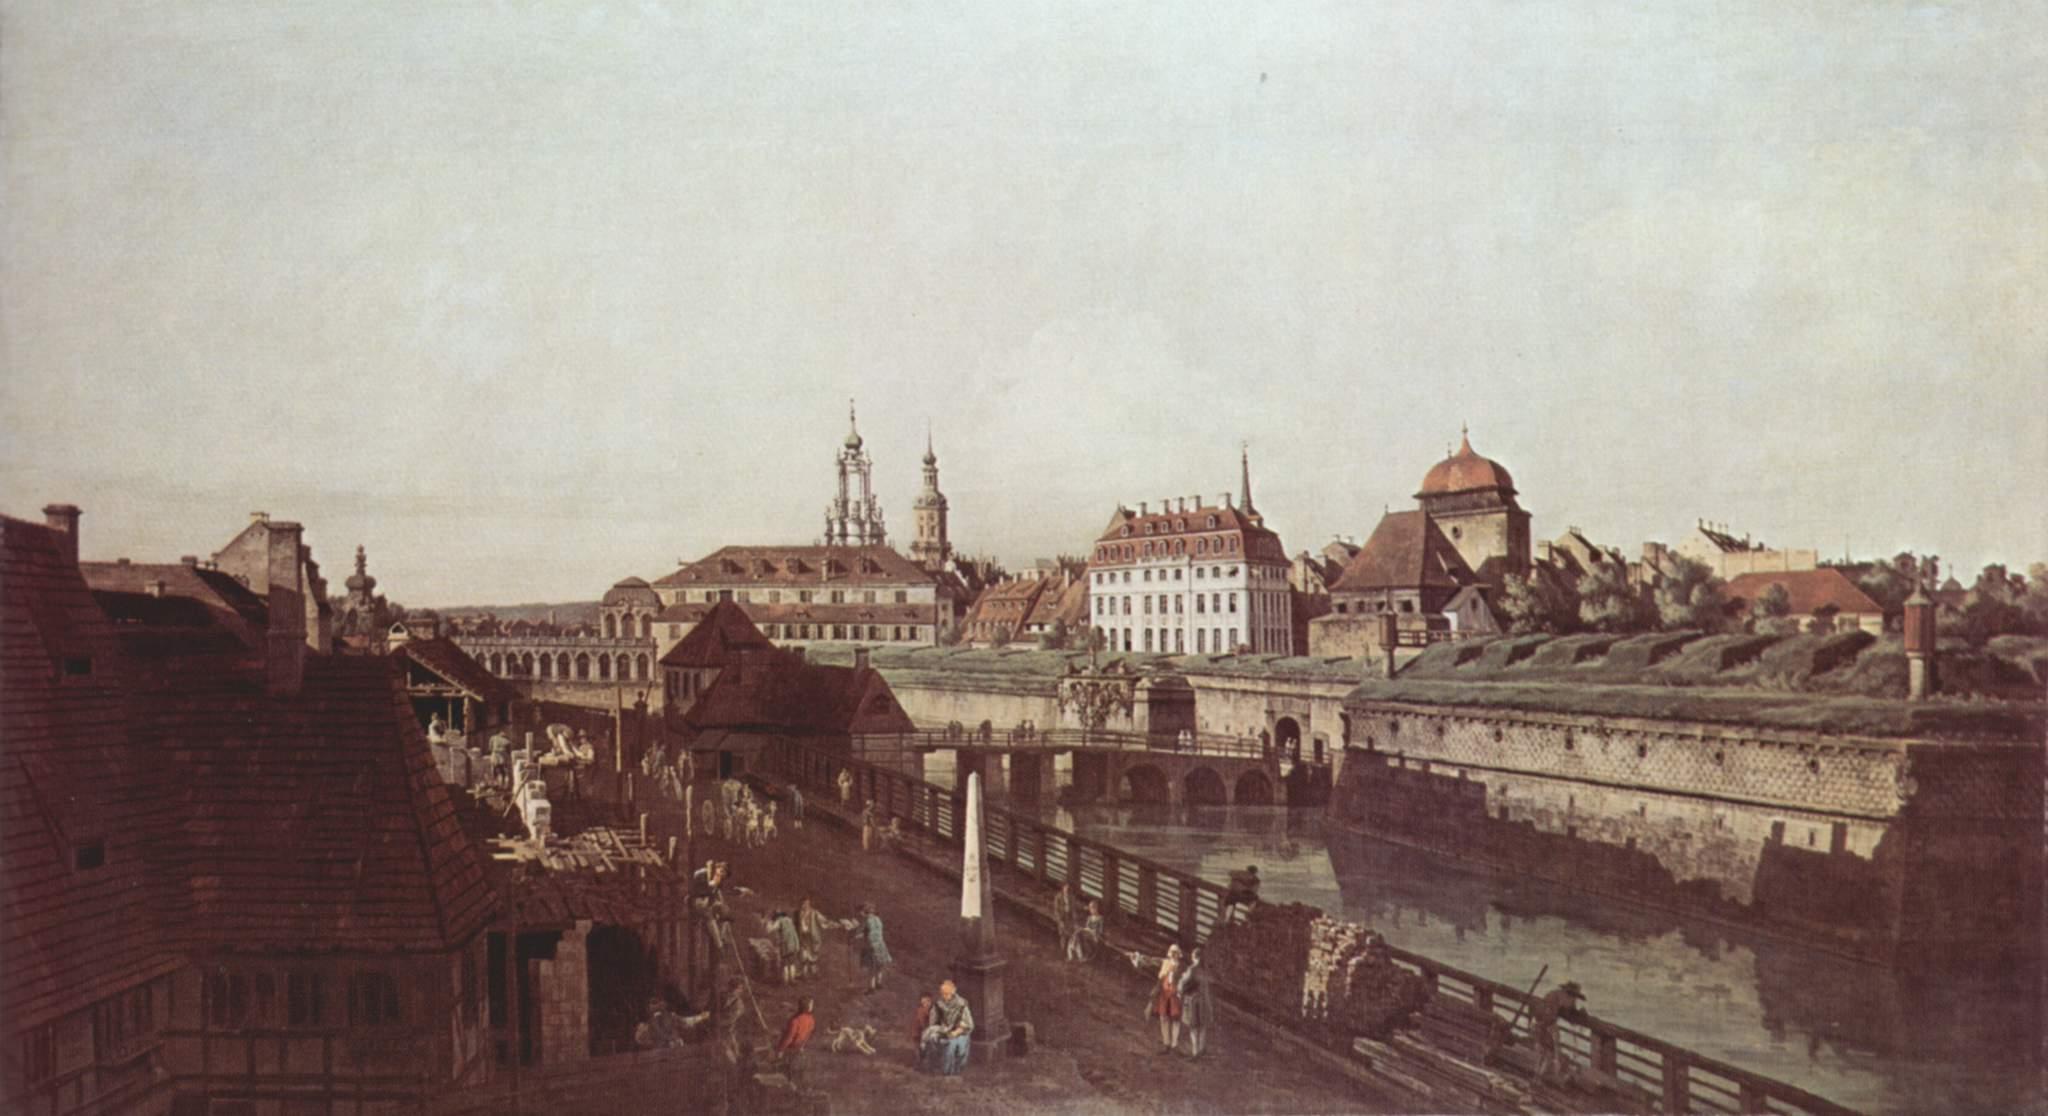 Вид Дрездена, крепостные укрепления в Дрездене, крепостной ров с мостом, Джованни Антонио Каналетто 1